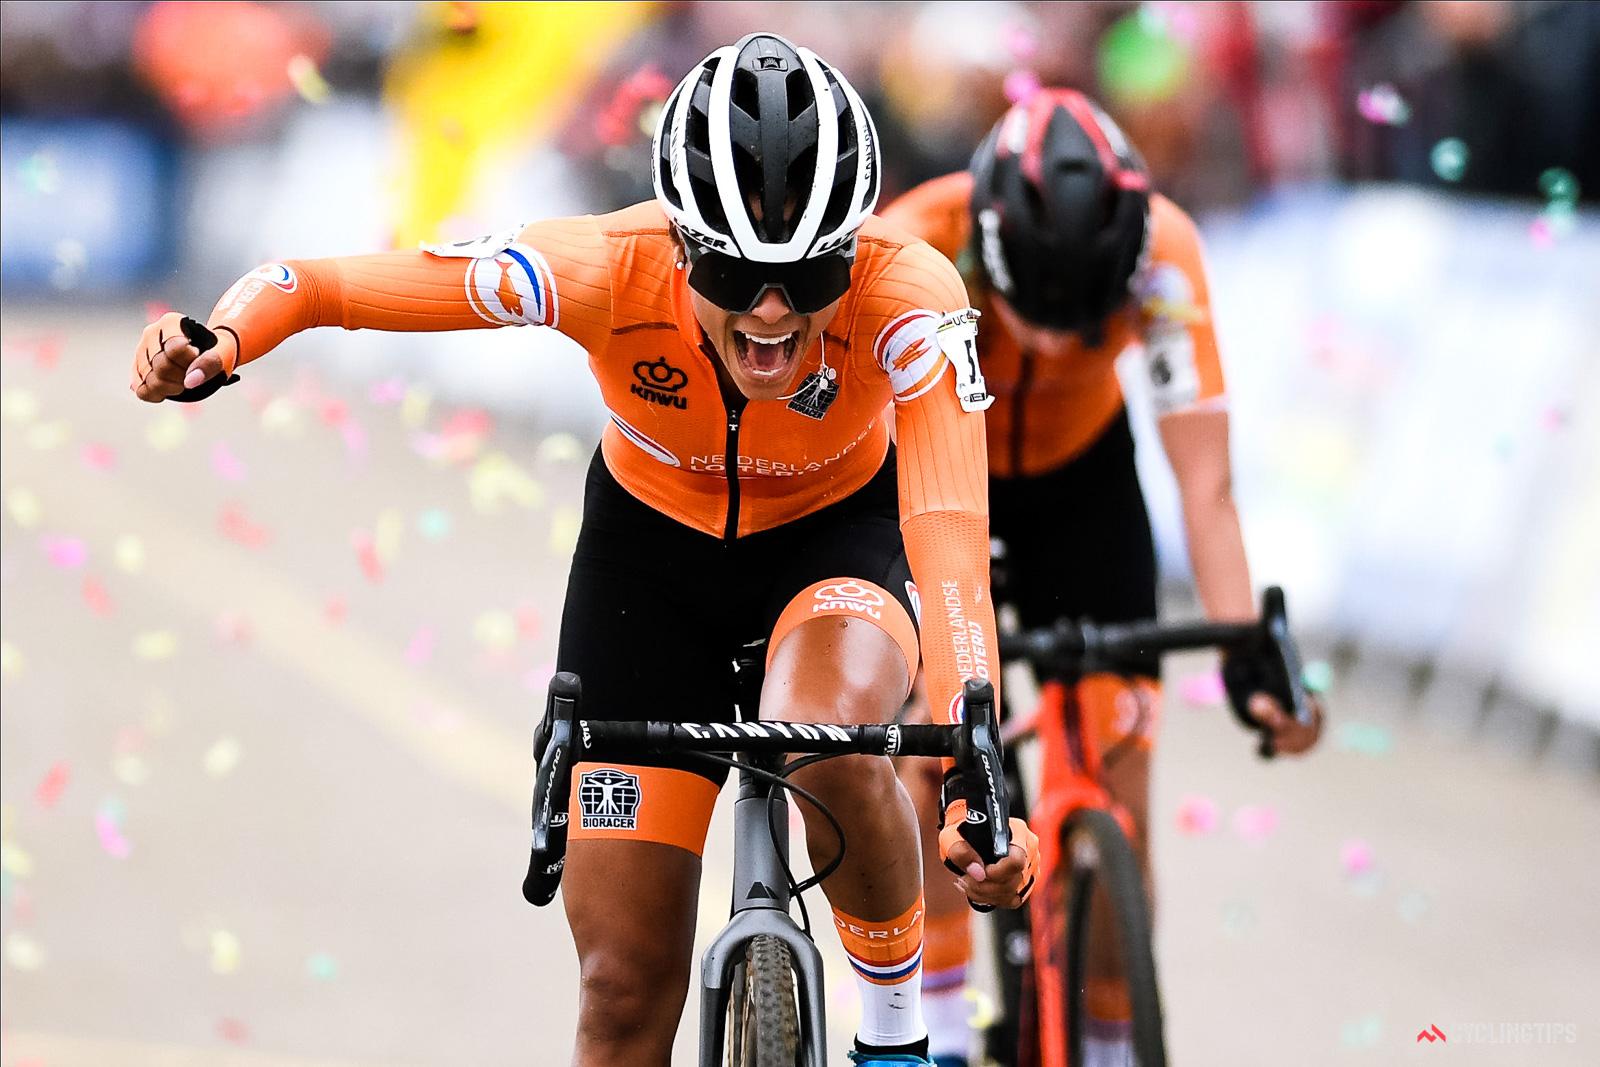 alvarado wins worlds 1 of 1 - Campeonato del mundo de Ciclocross 2021 - Oostende